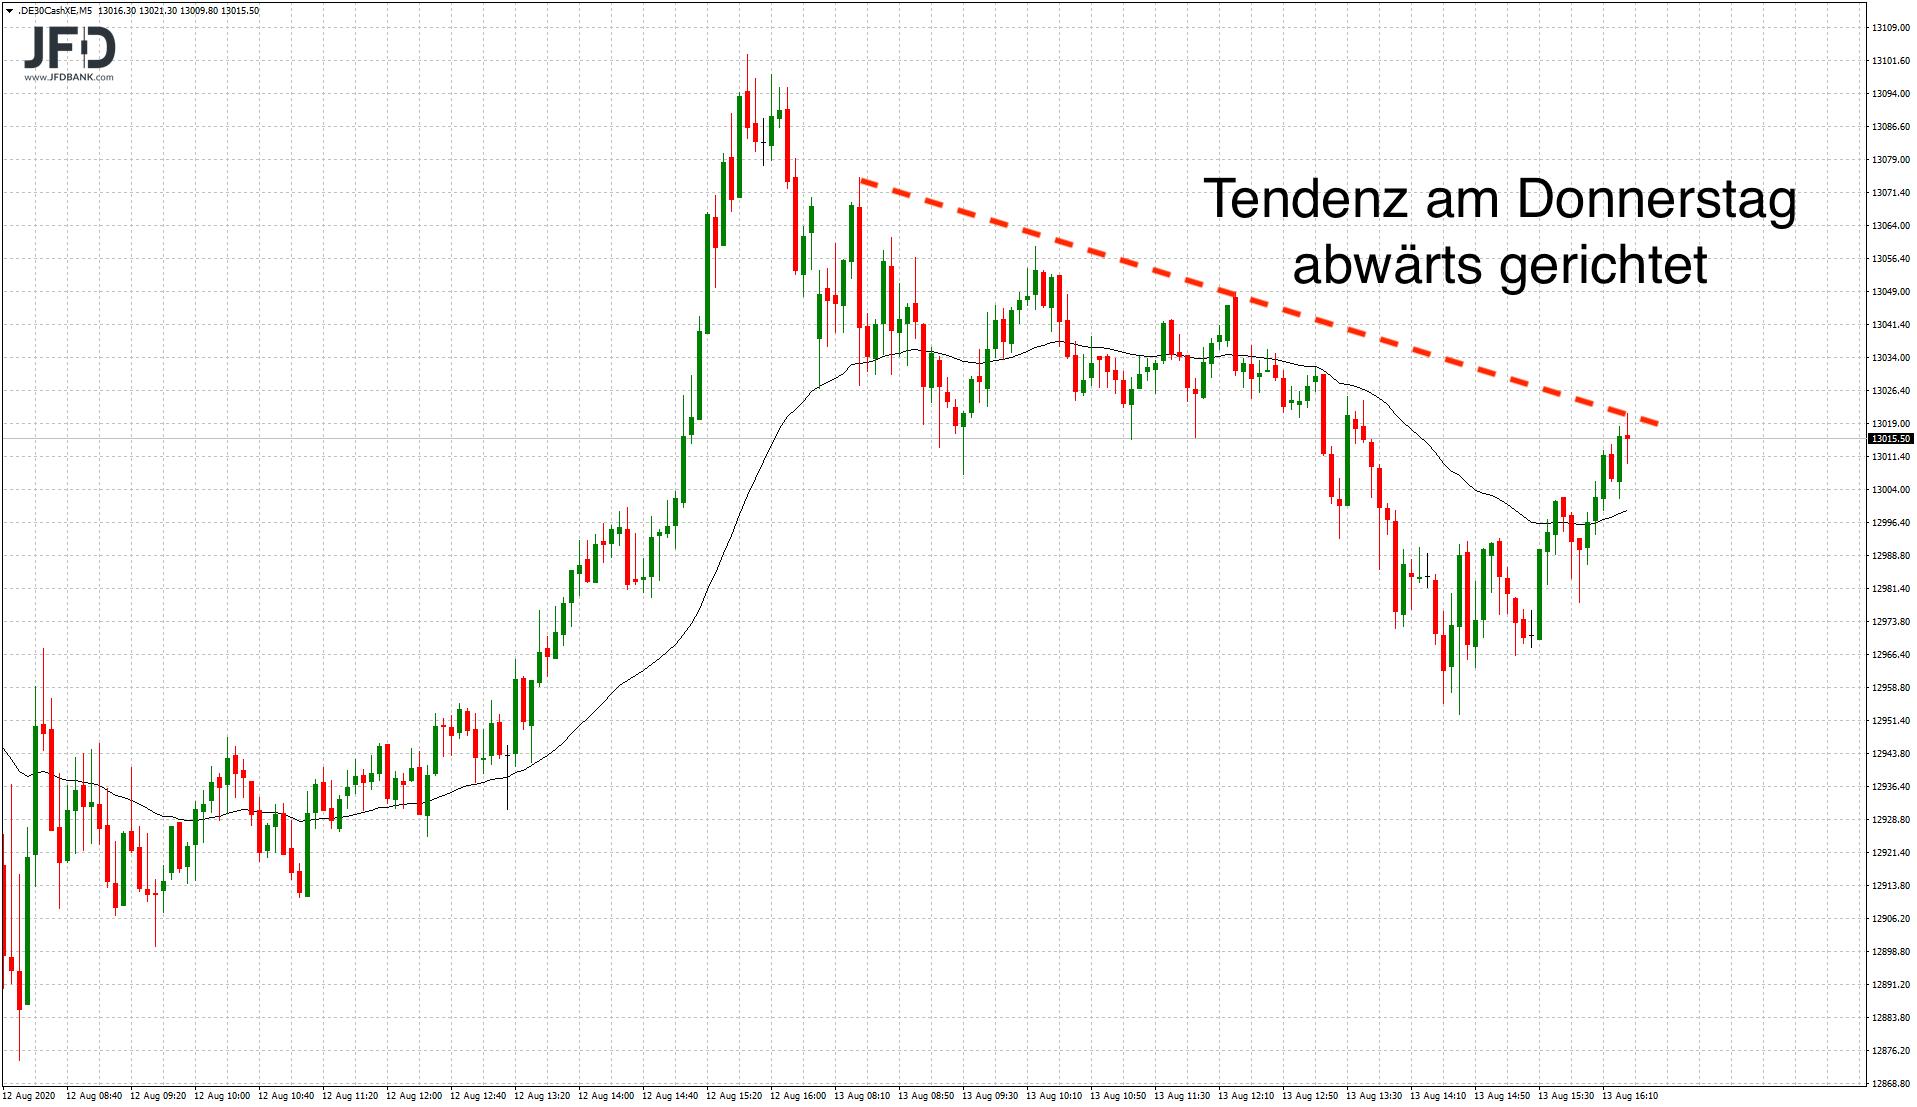 DAX-Handel-im-Fokus-der-13-000-Kommentar-JFD-Bank-GodmodeTrader.de-2